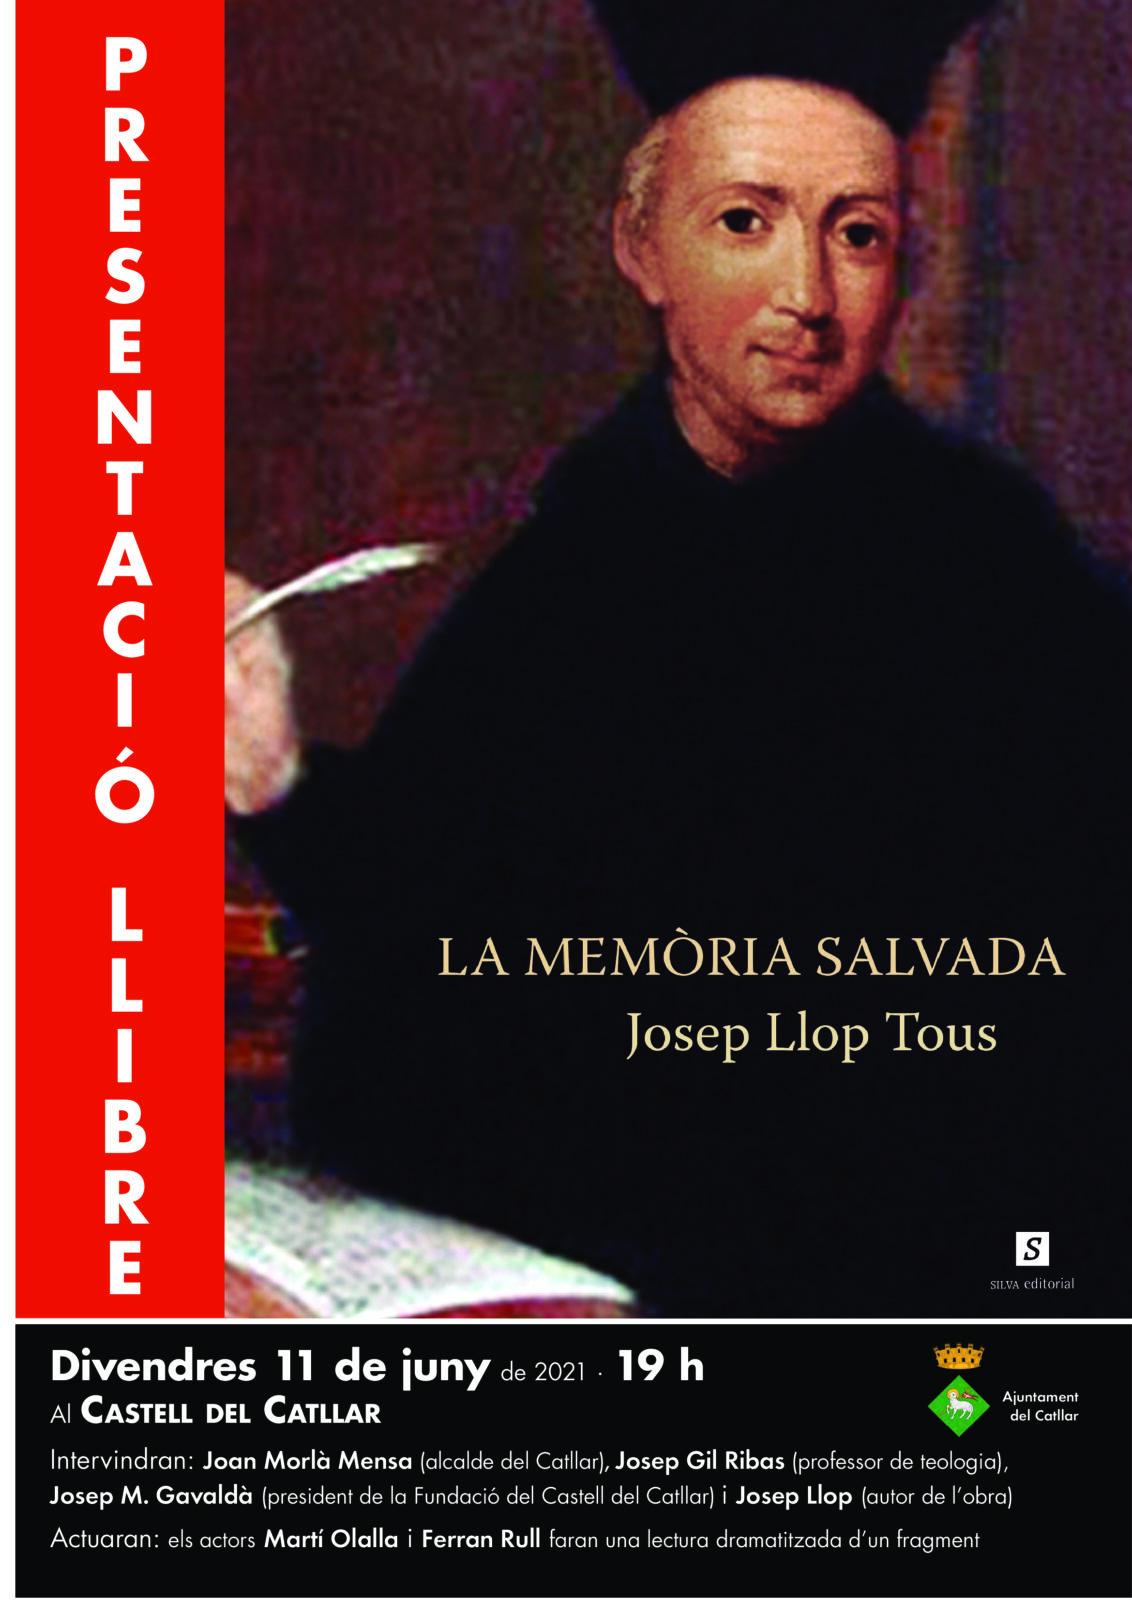 """PRESENTACIÓ DEL LLIBRE """"LA MEMÒRIA SALVADA"""" DE JOSEP LLOP TOUS"""